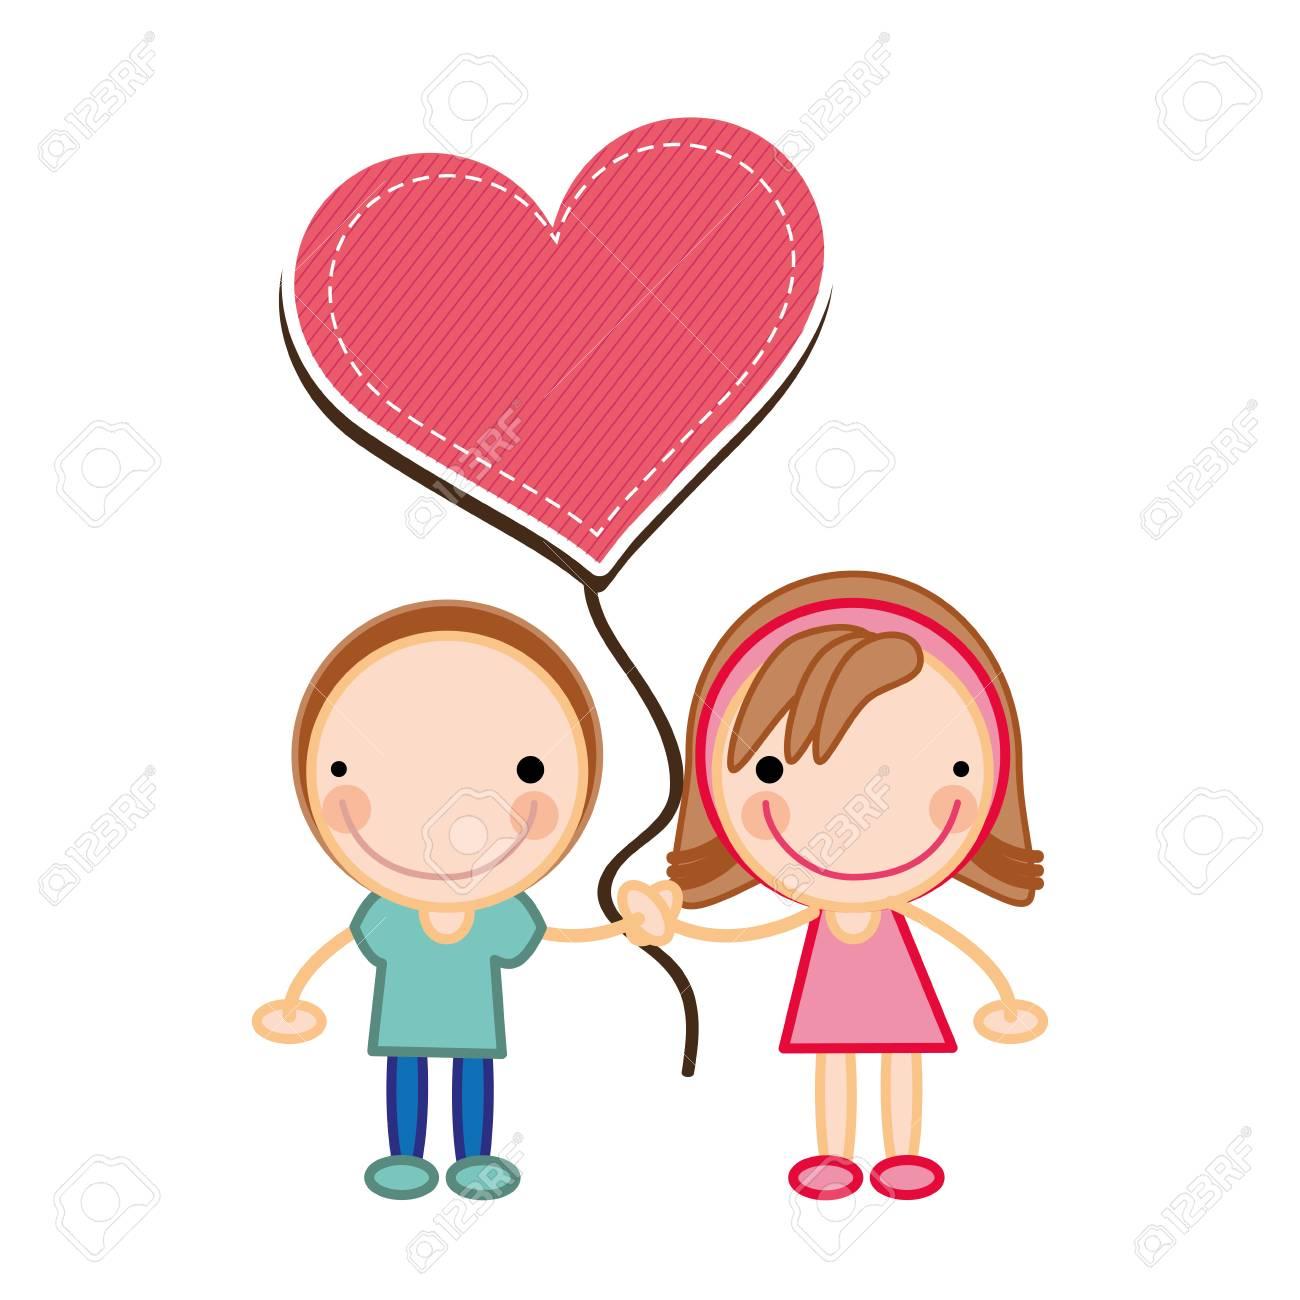 Relación Amor Pareja Feliz Caras Dibujos Animados Ilustración